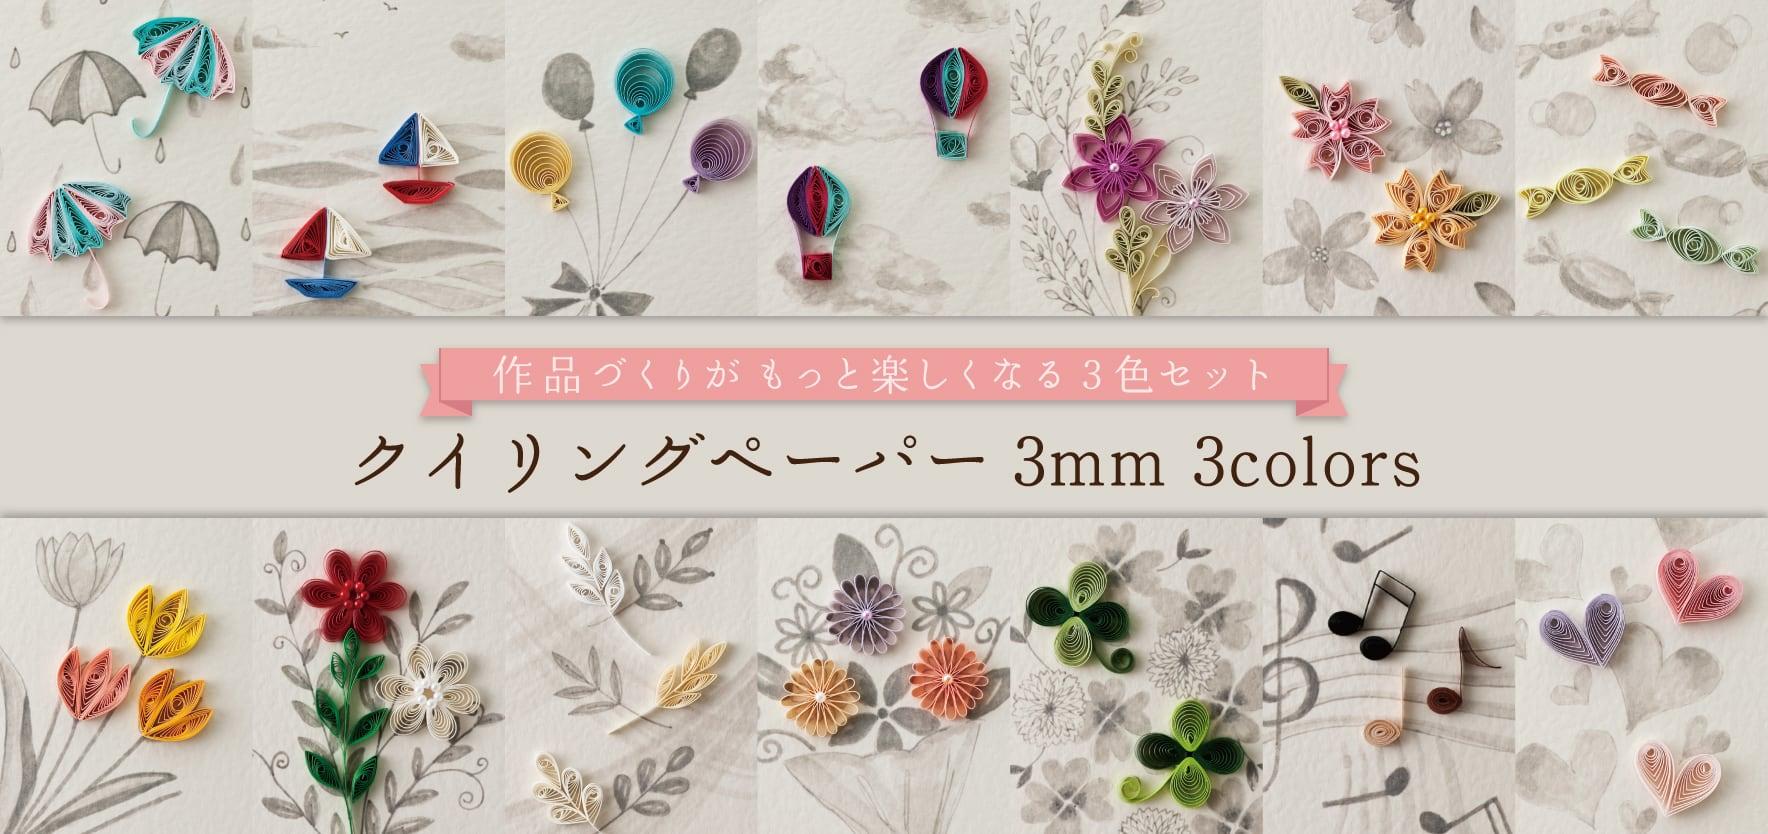 クイリングペーパー3mm 3colors